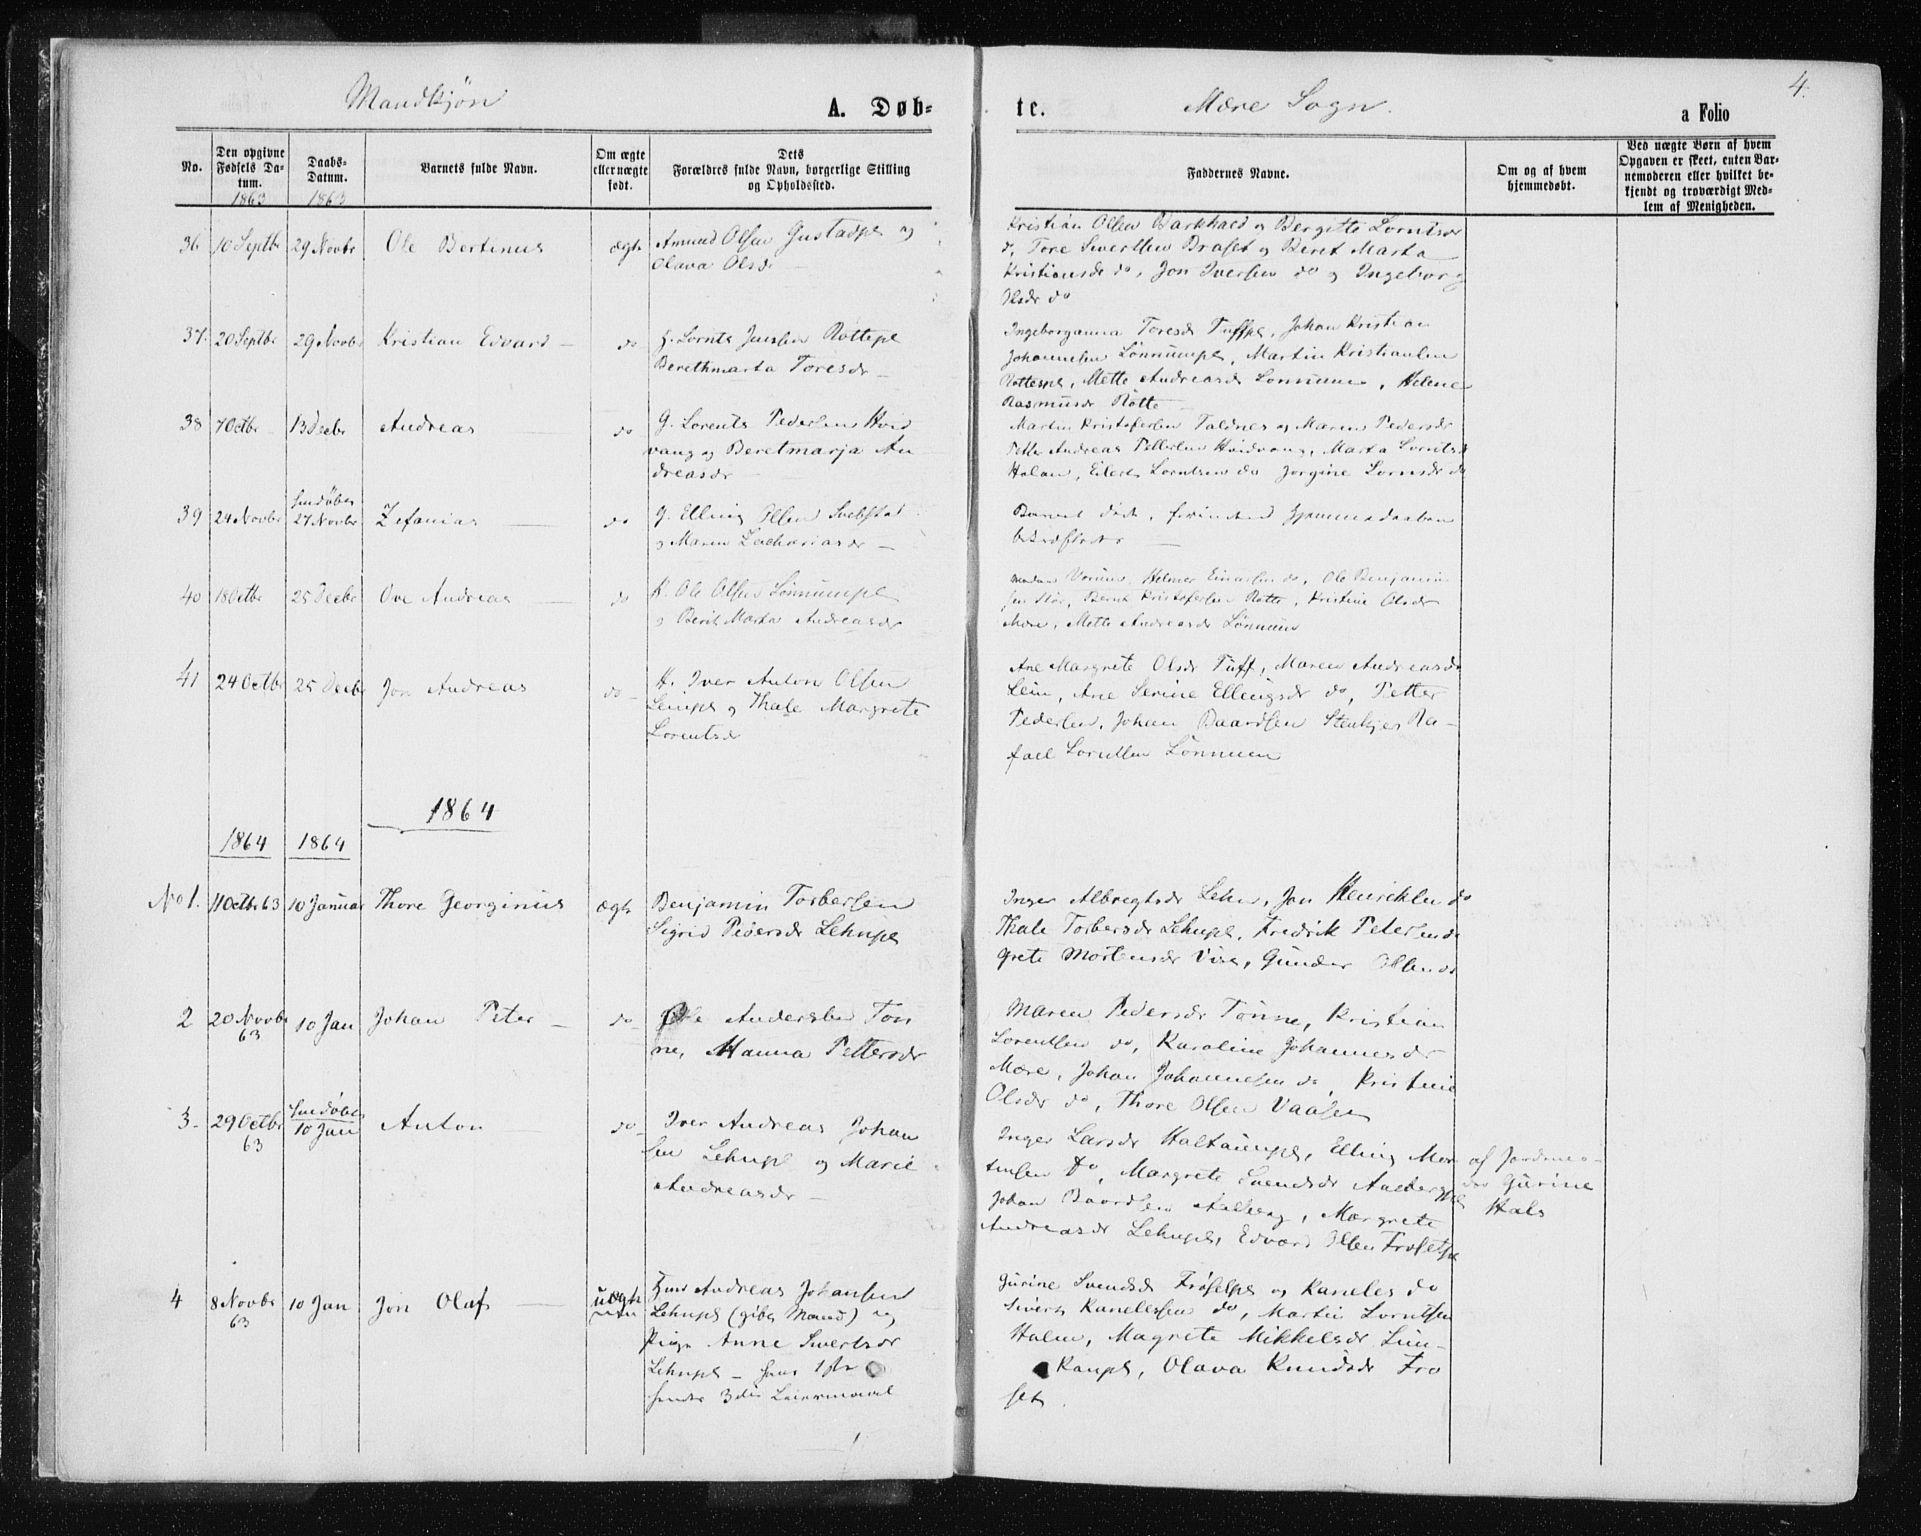 SAT, Ministerialprotokoller, klokkerbøker og fødselsregistre - Nord-Trøndelag, 735/L0345: Ministerialbok nr. 735A08 /1, 1863-1872, s. 4